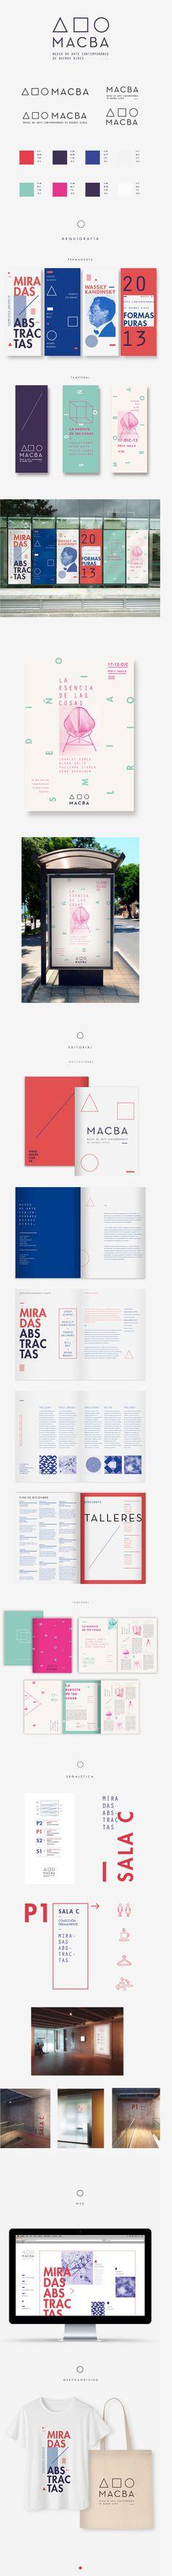 Identidade do Museu de Arte Contemporânea de Buenos Aires